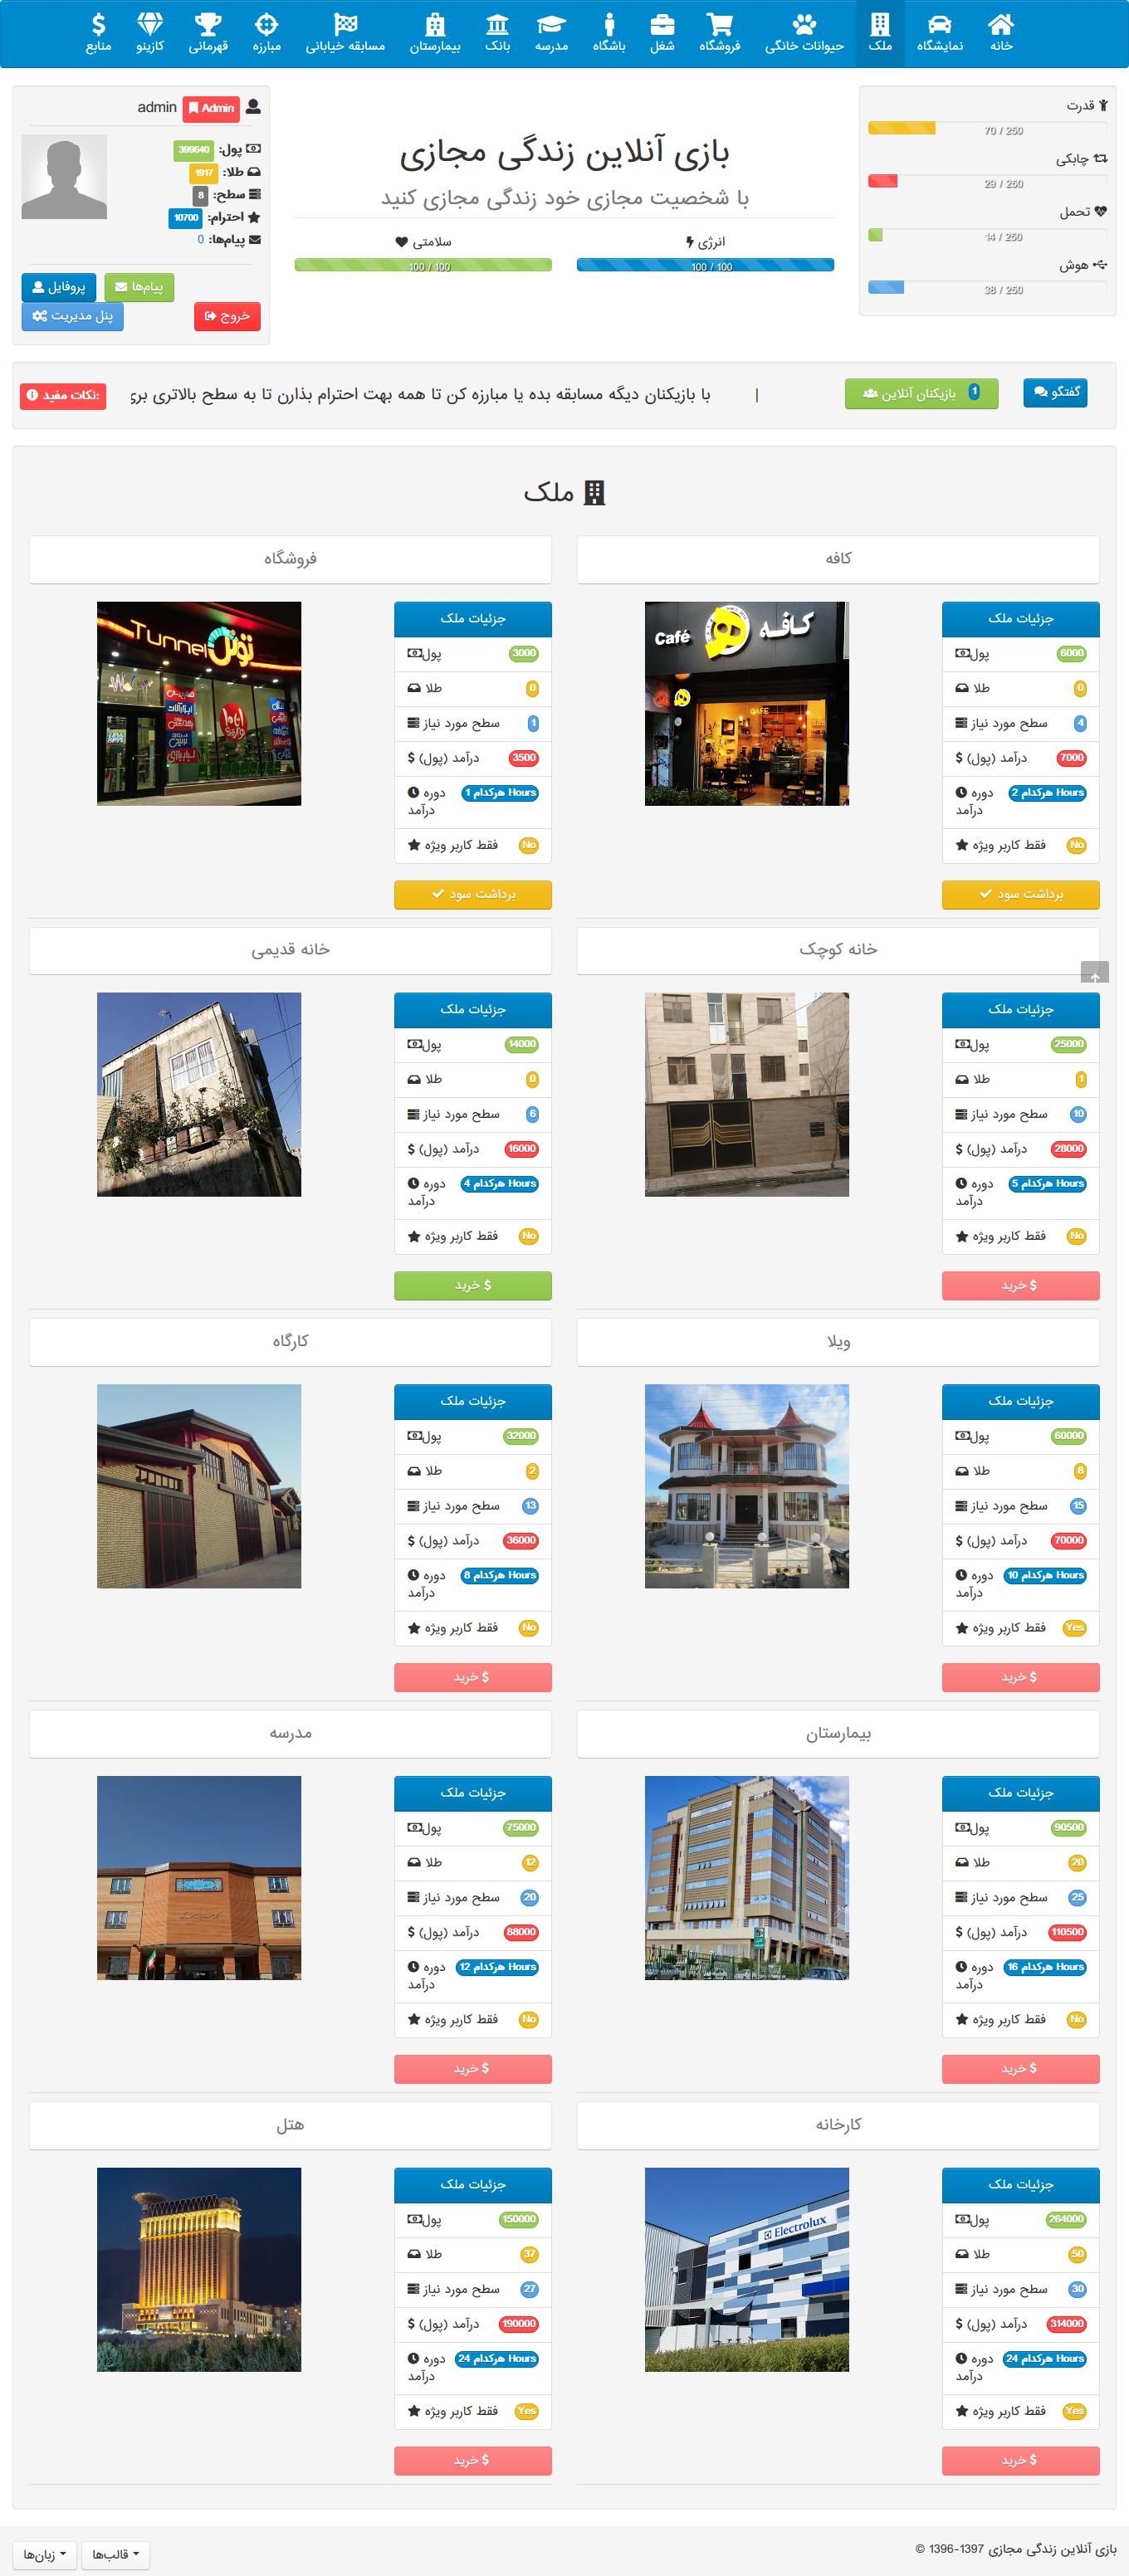 5 - اسکریپت بازی آنلاین vCity فارسی